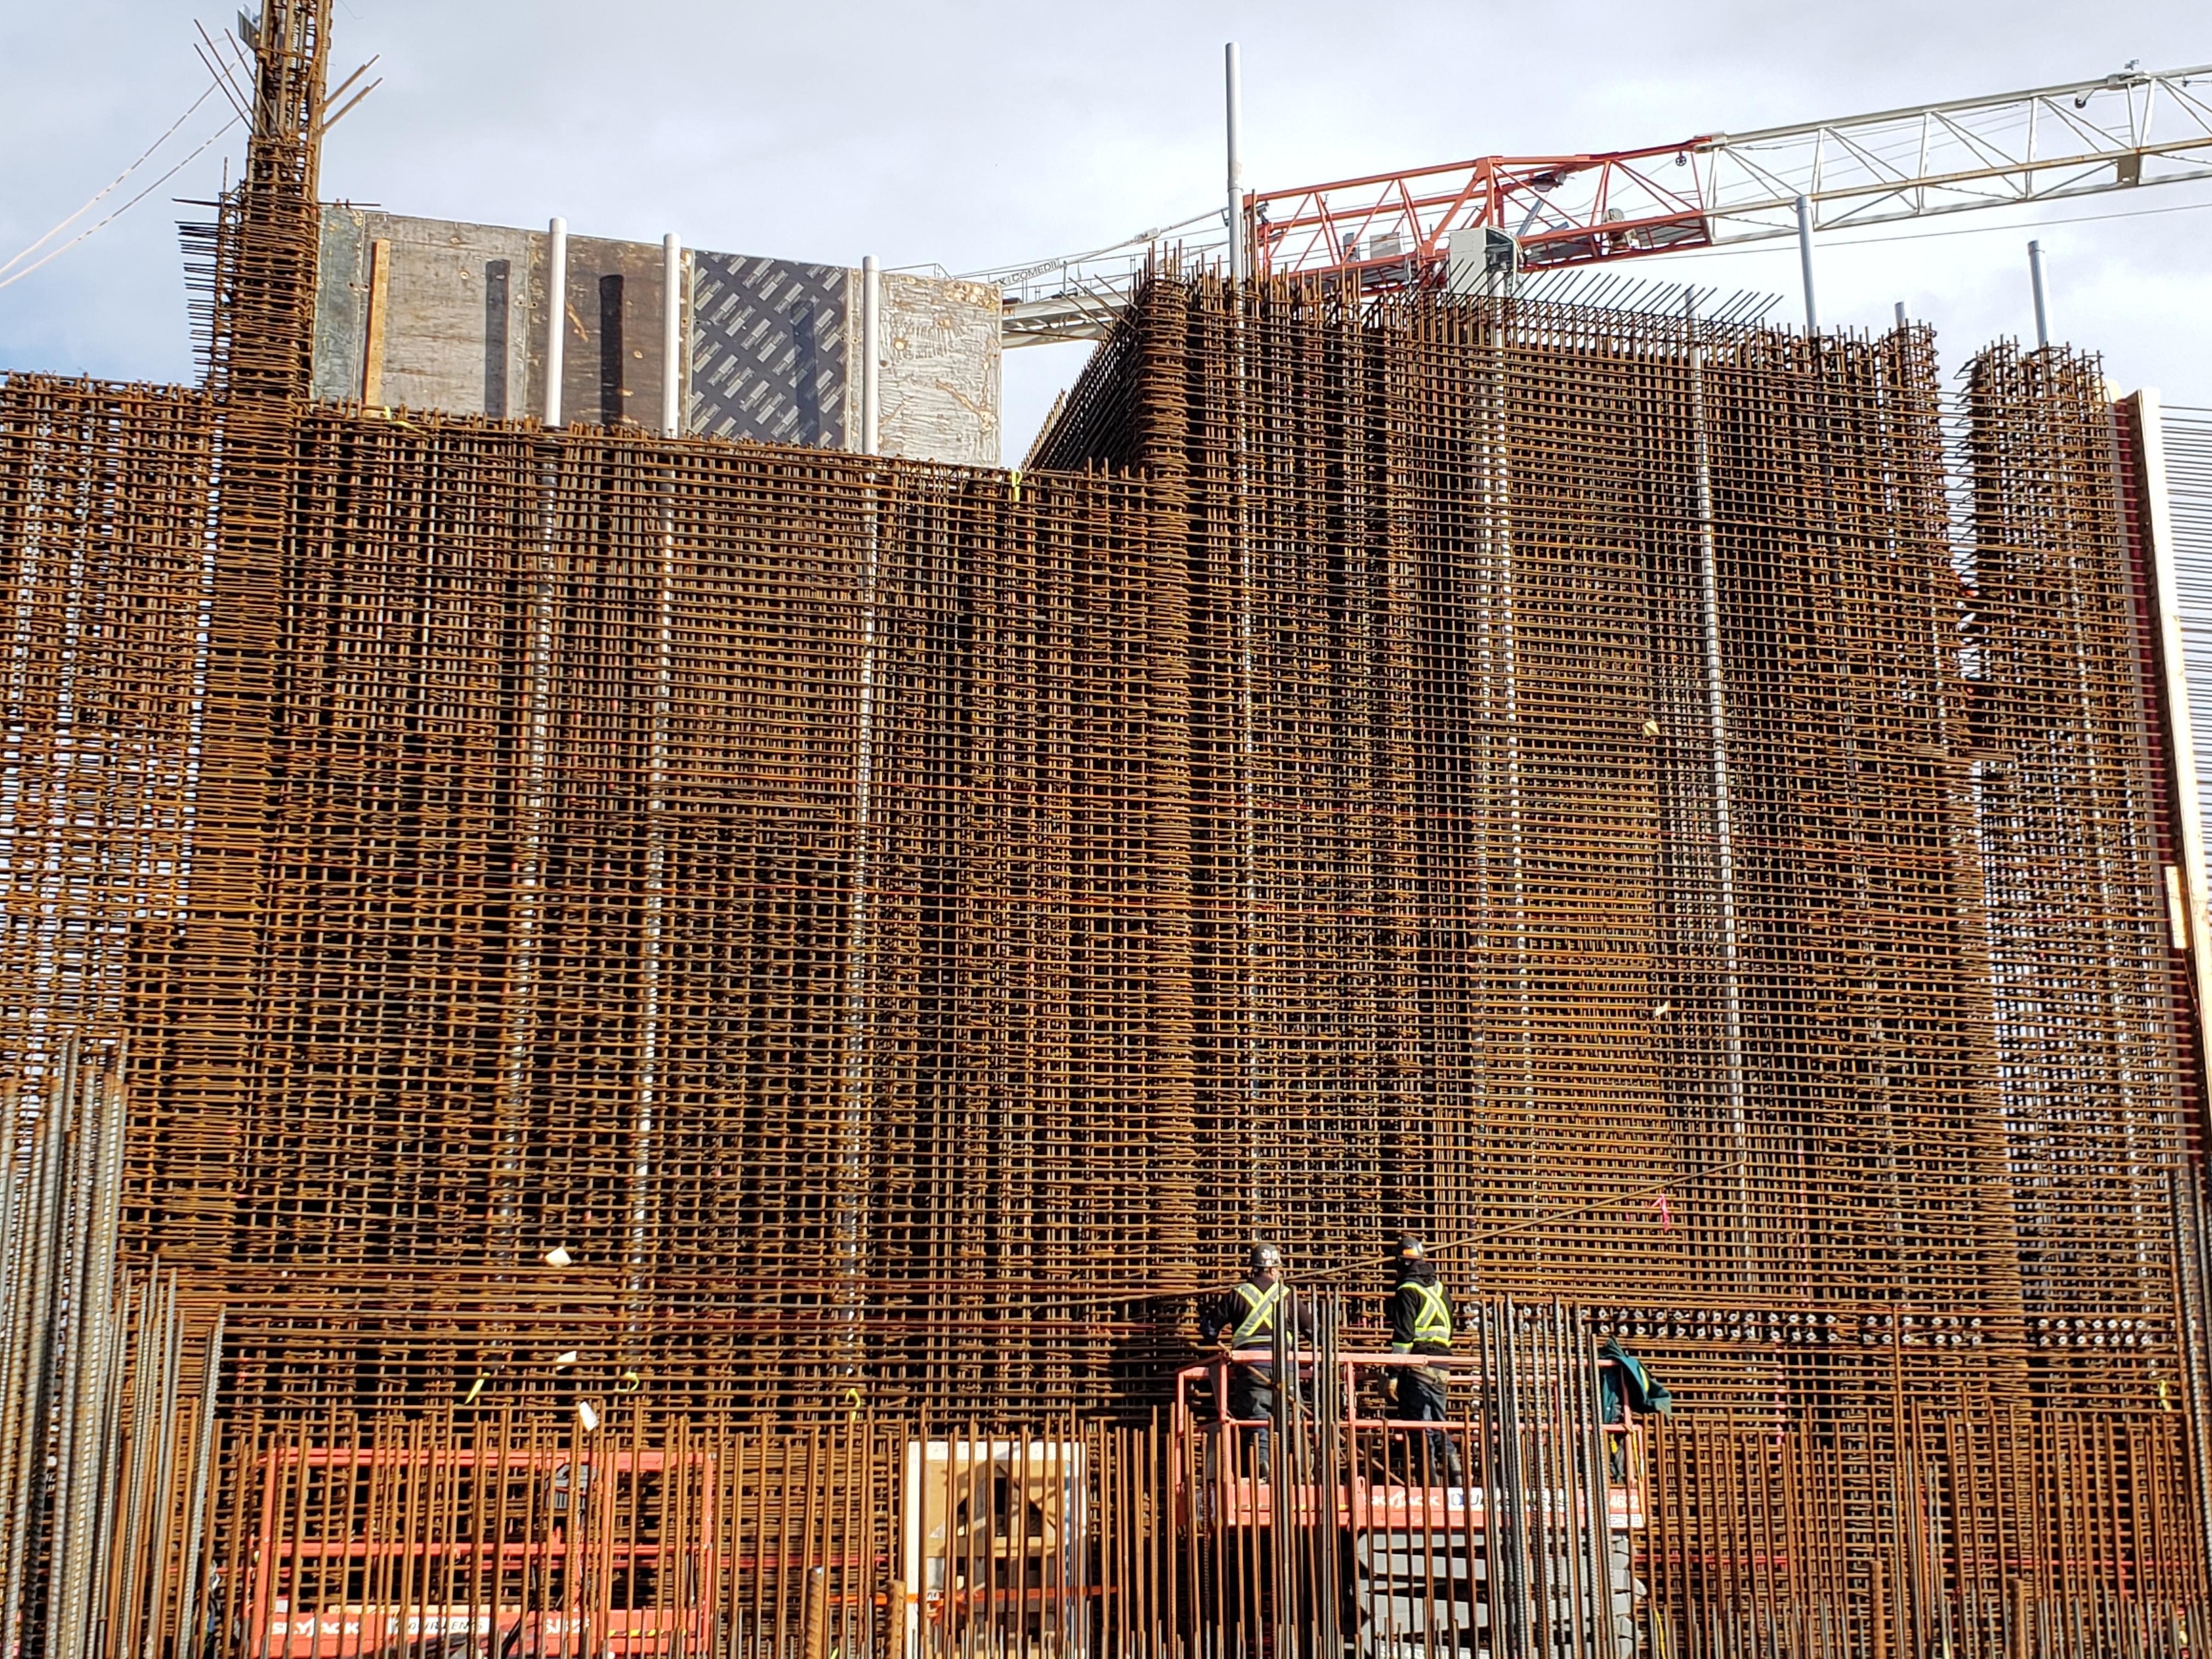 Winter 2021 - Rebar installation